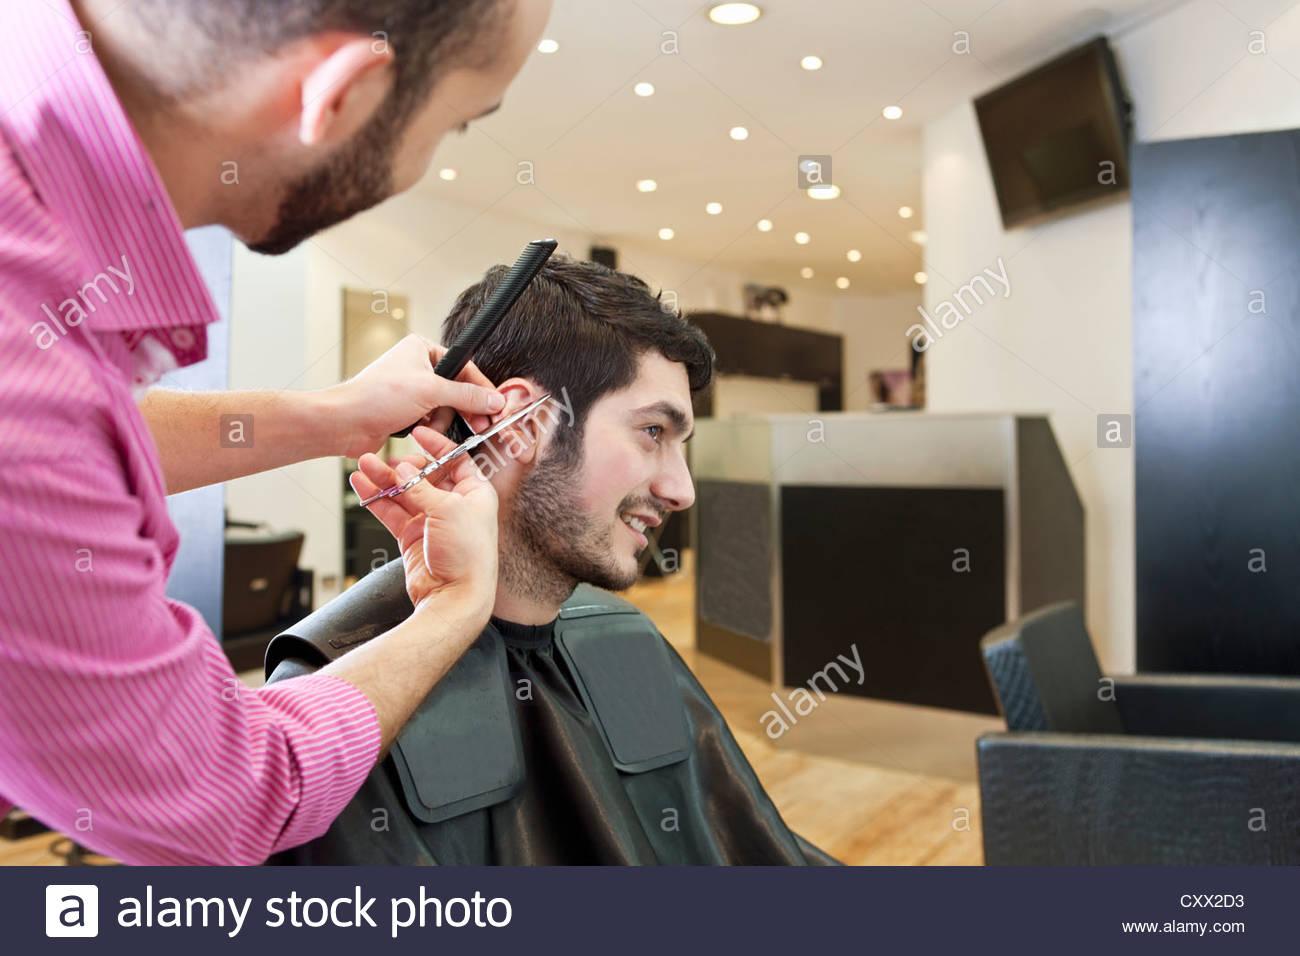 Ein männlicher Friseur seine männlichen Klienten Haare mit einer Schere schneiden Stockbild